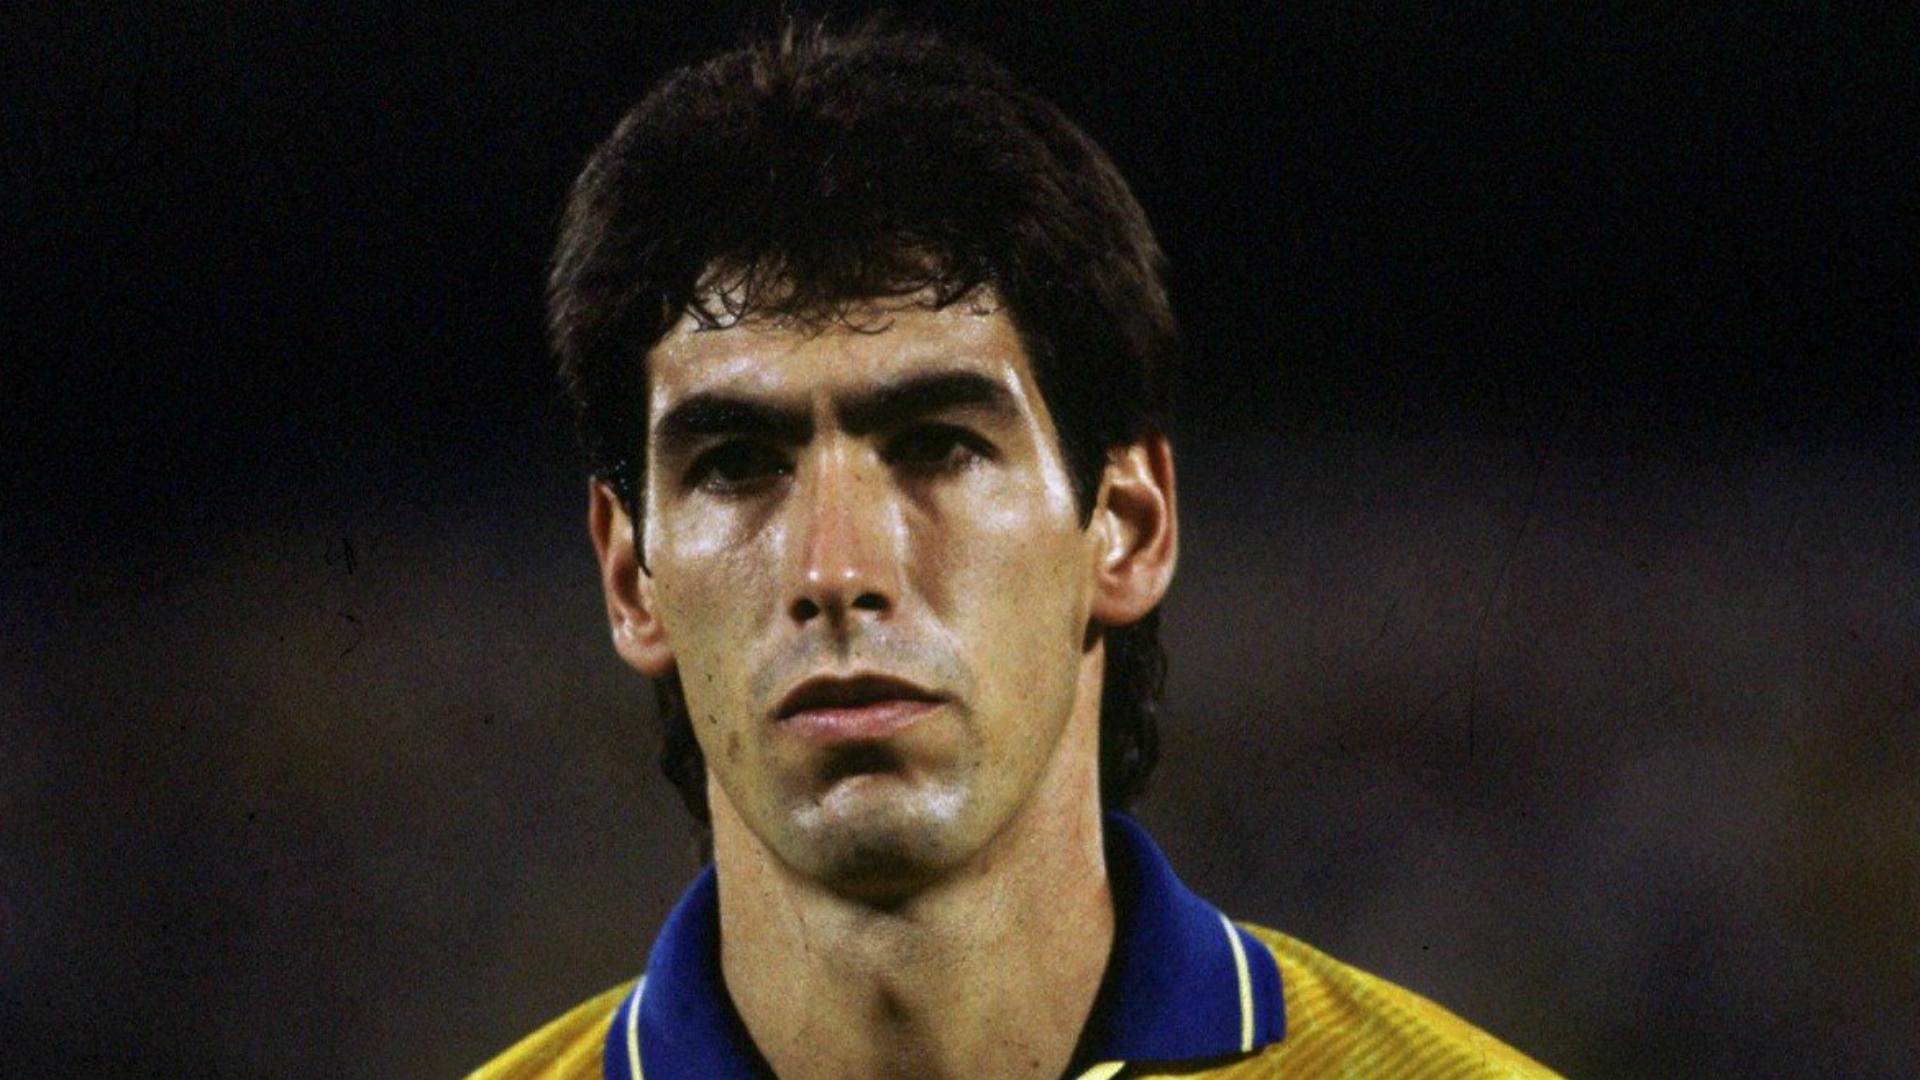 El futbolista colombiano Andrés Escobar fue asesinado después del Mundial 1994